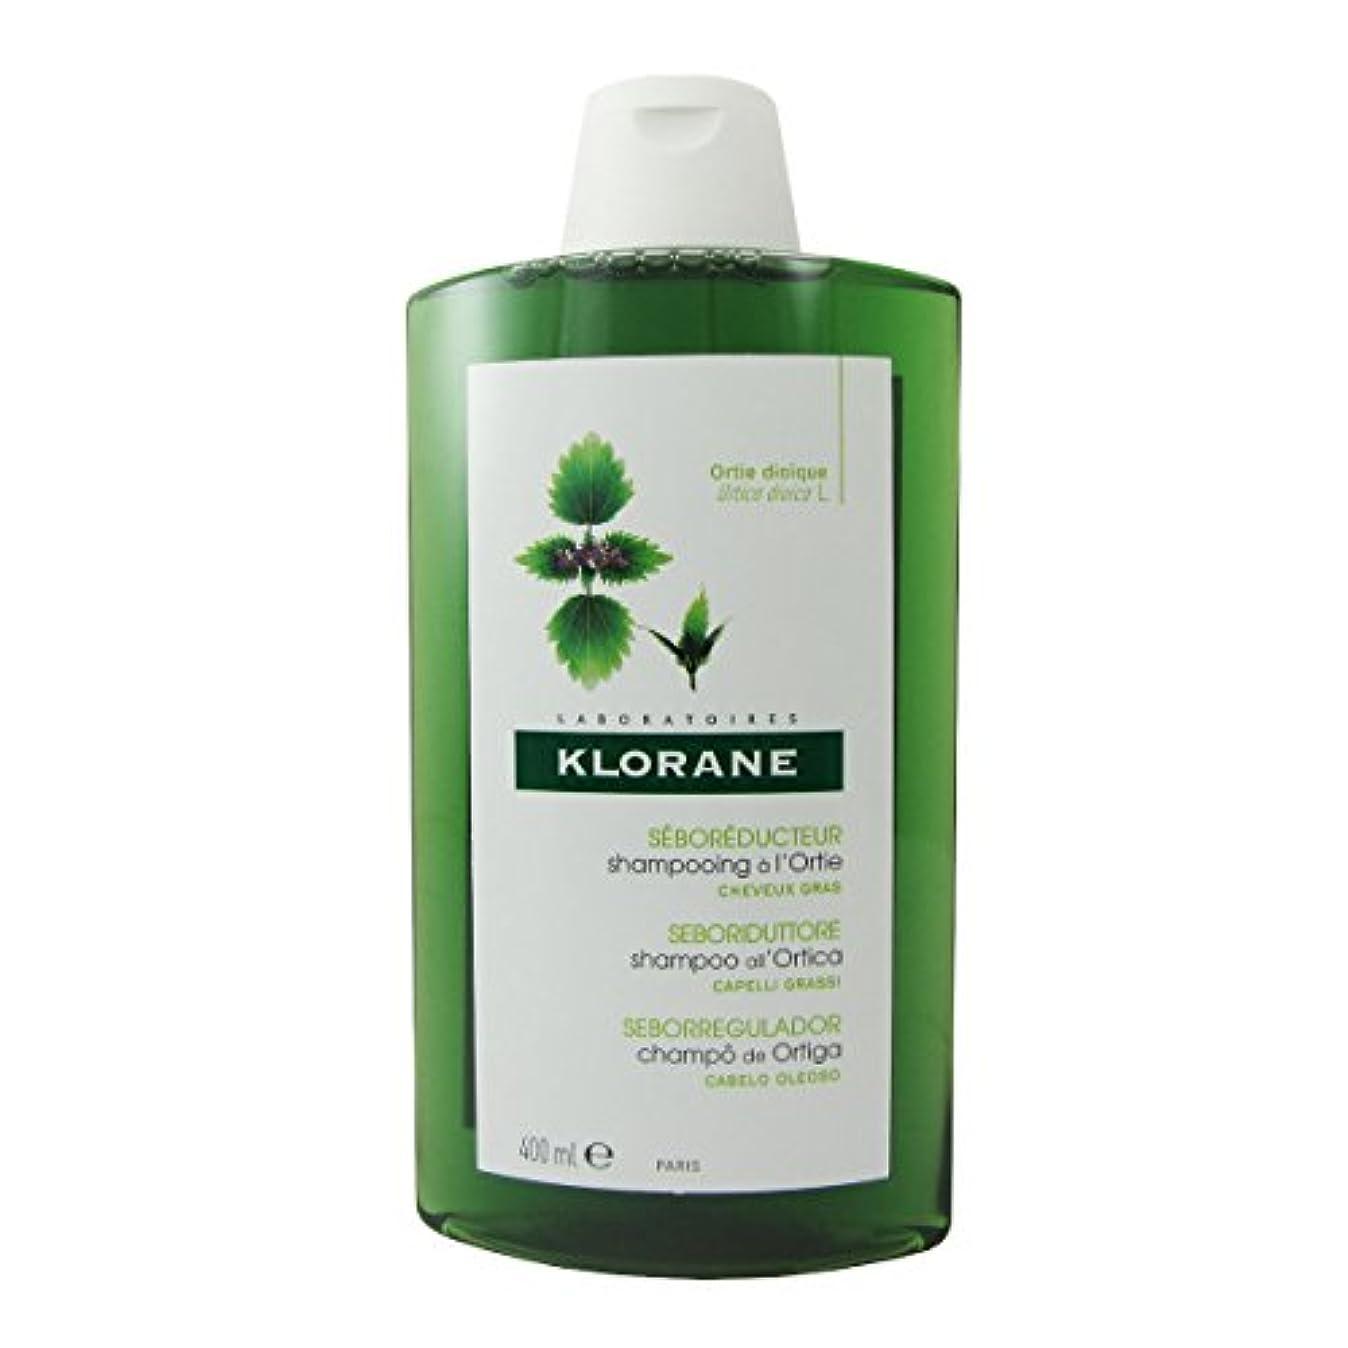 発見オンス菊Klorane Oily Hair White Nettle Shampoo 400ml [並行輸入品]